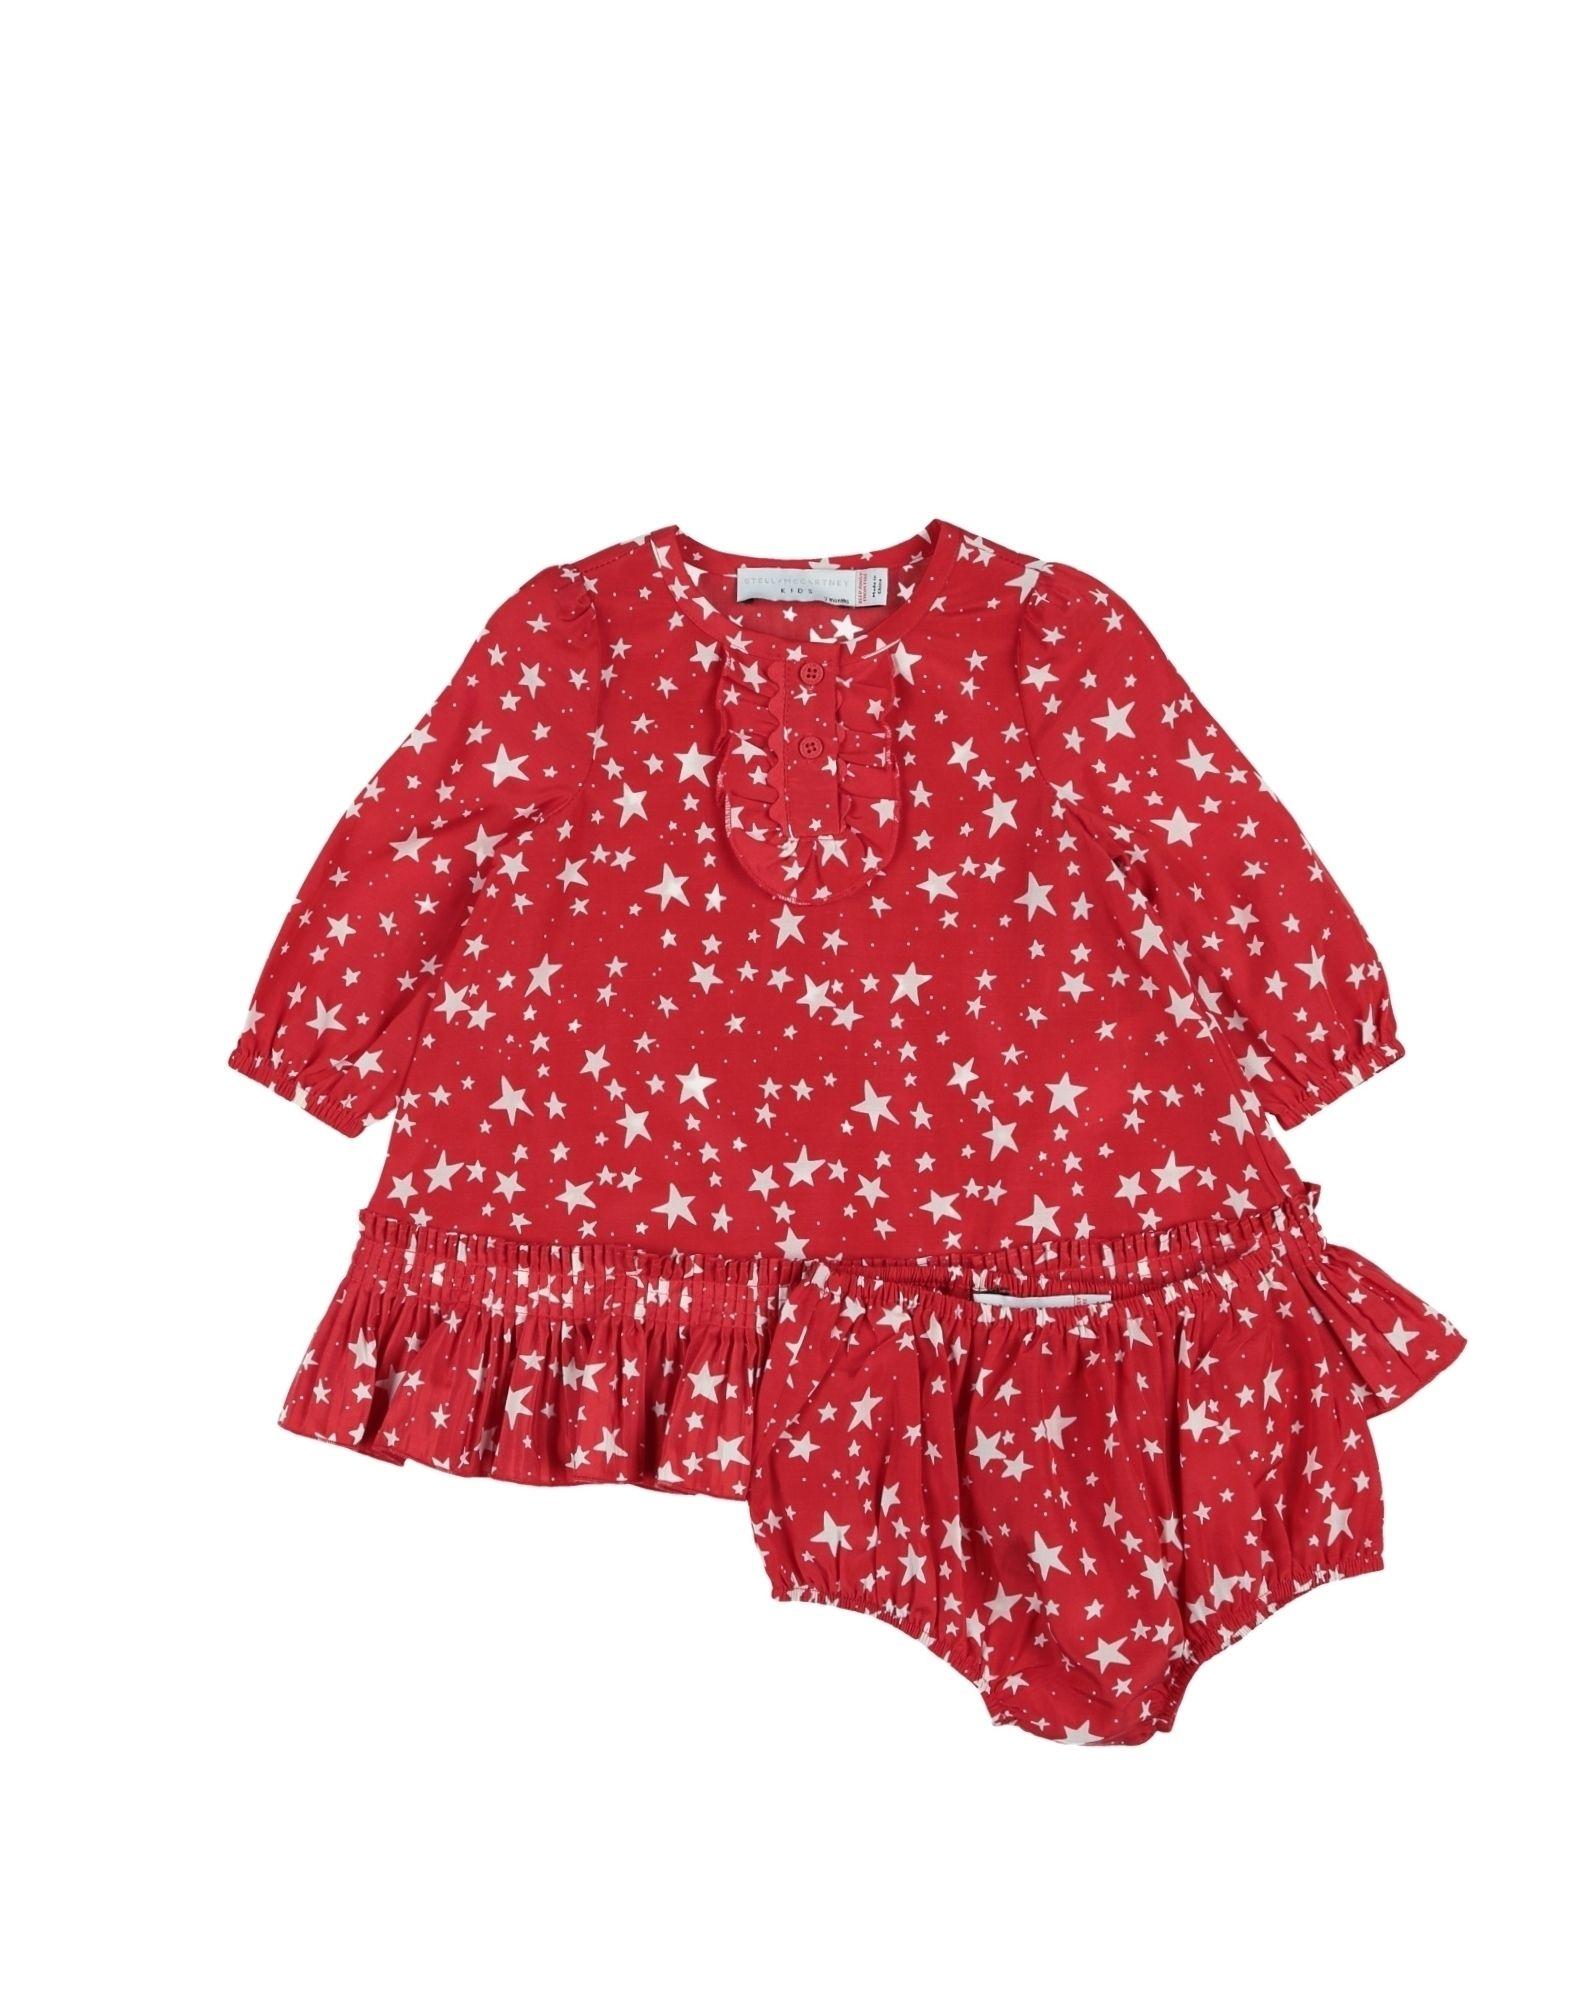 《送料無料》STELLA McCARTNEY KIDS ガールズ 0-24 ヶ月 ワンピース・ドレス レッド 3 シルク 60% / コットン 40%